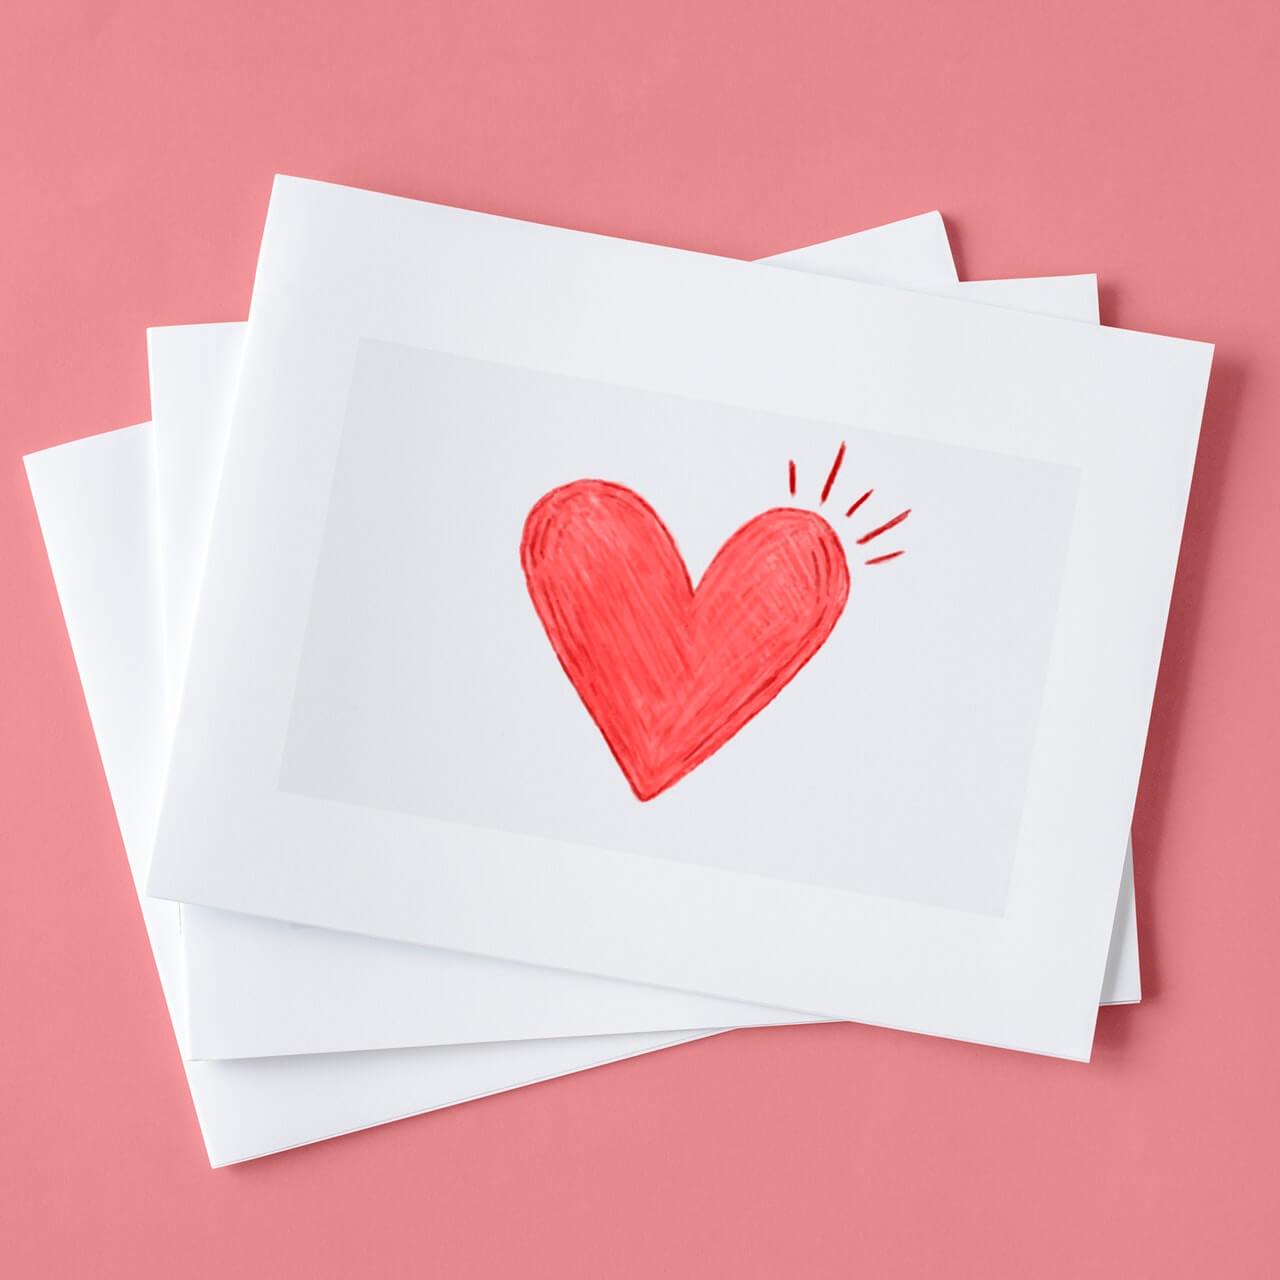 Koperta-z-namalowanym-sercem-na-rozowym-tle